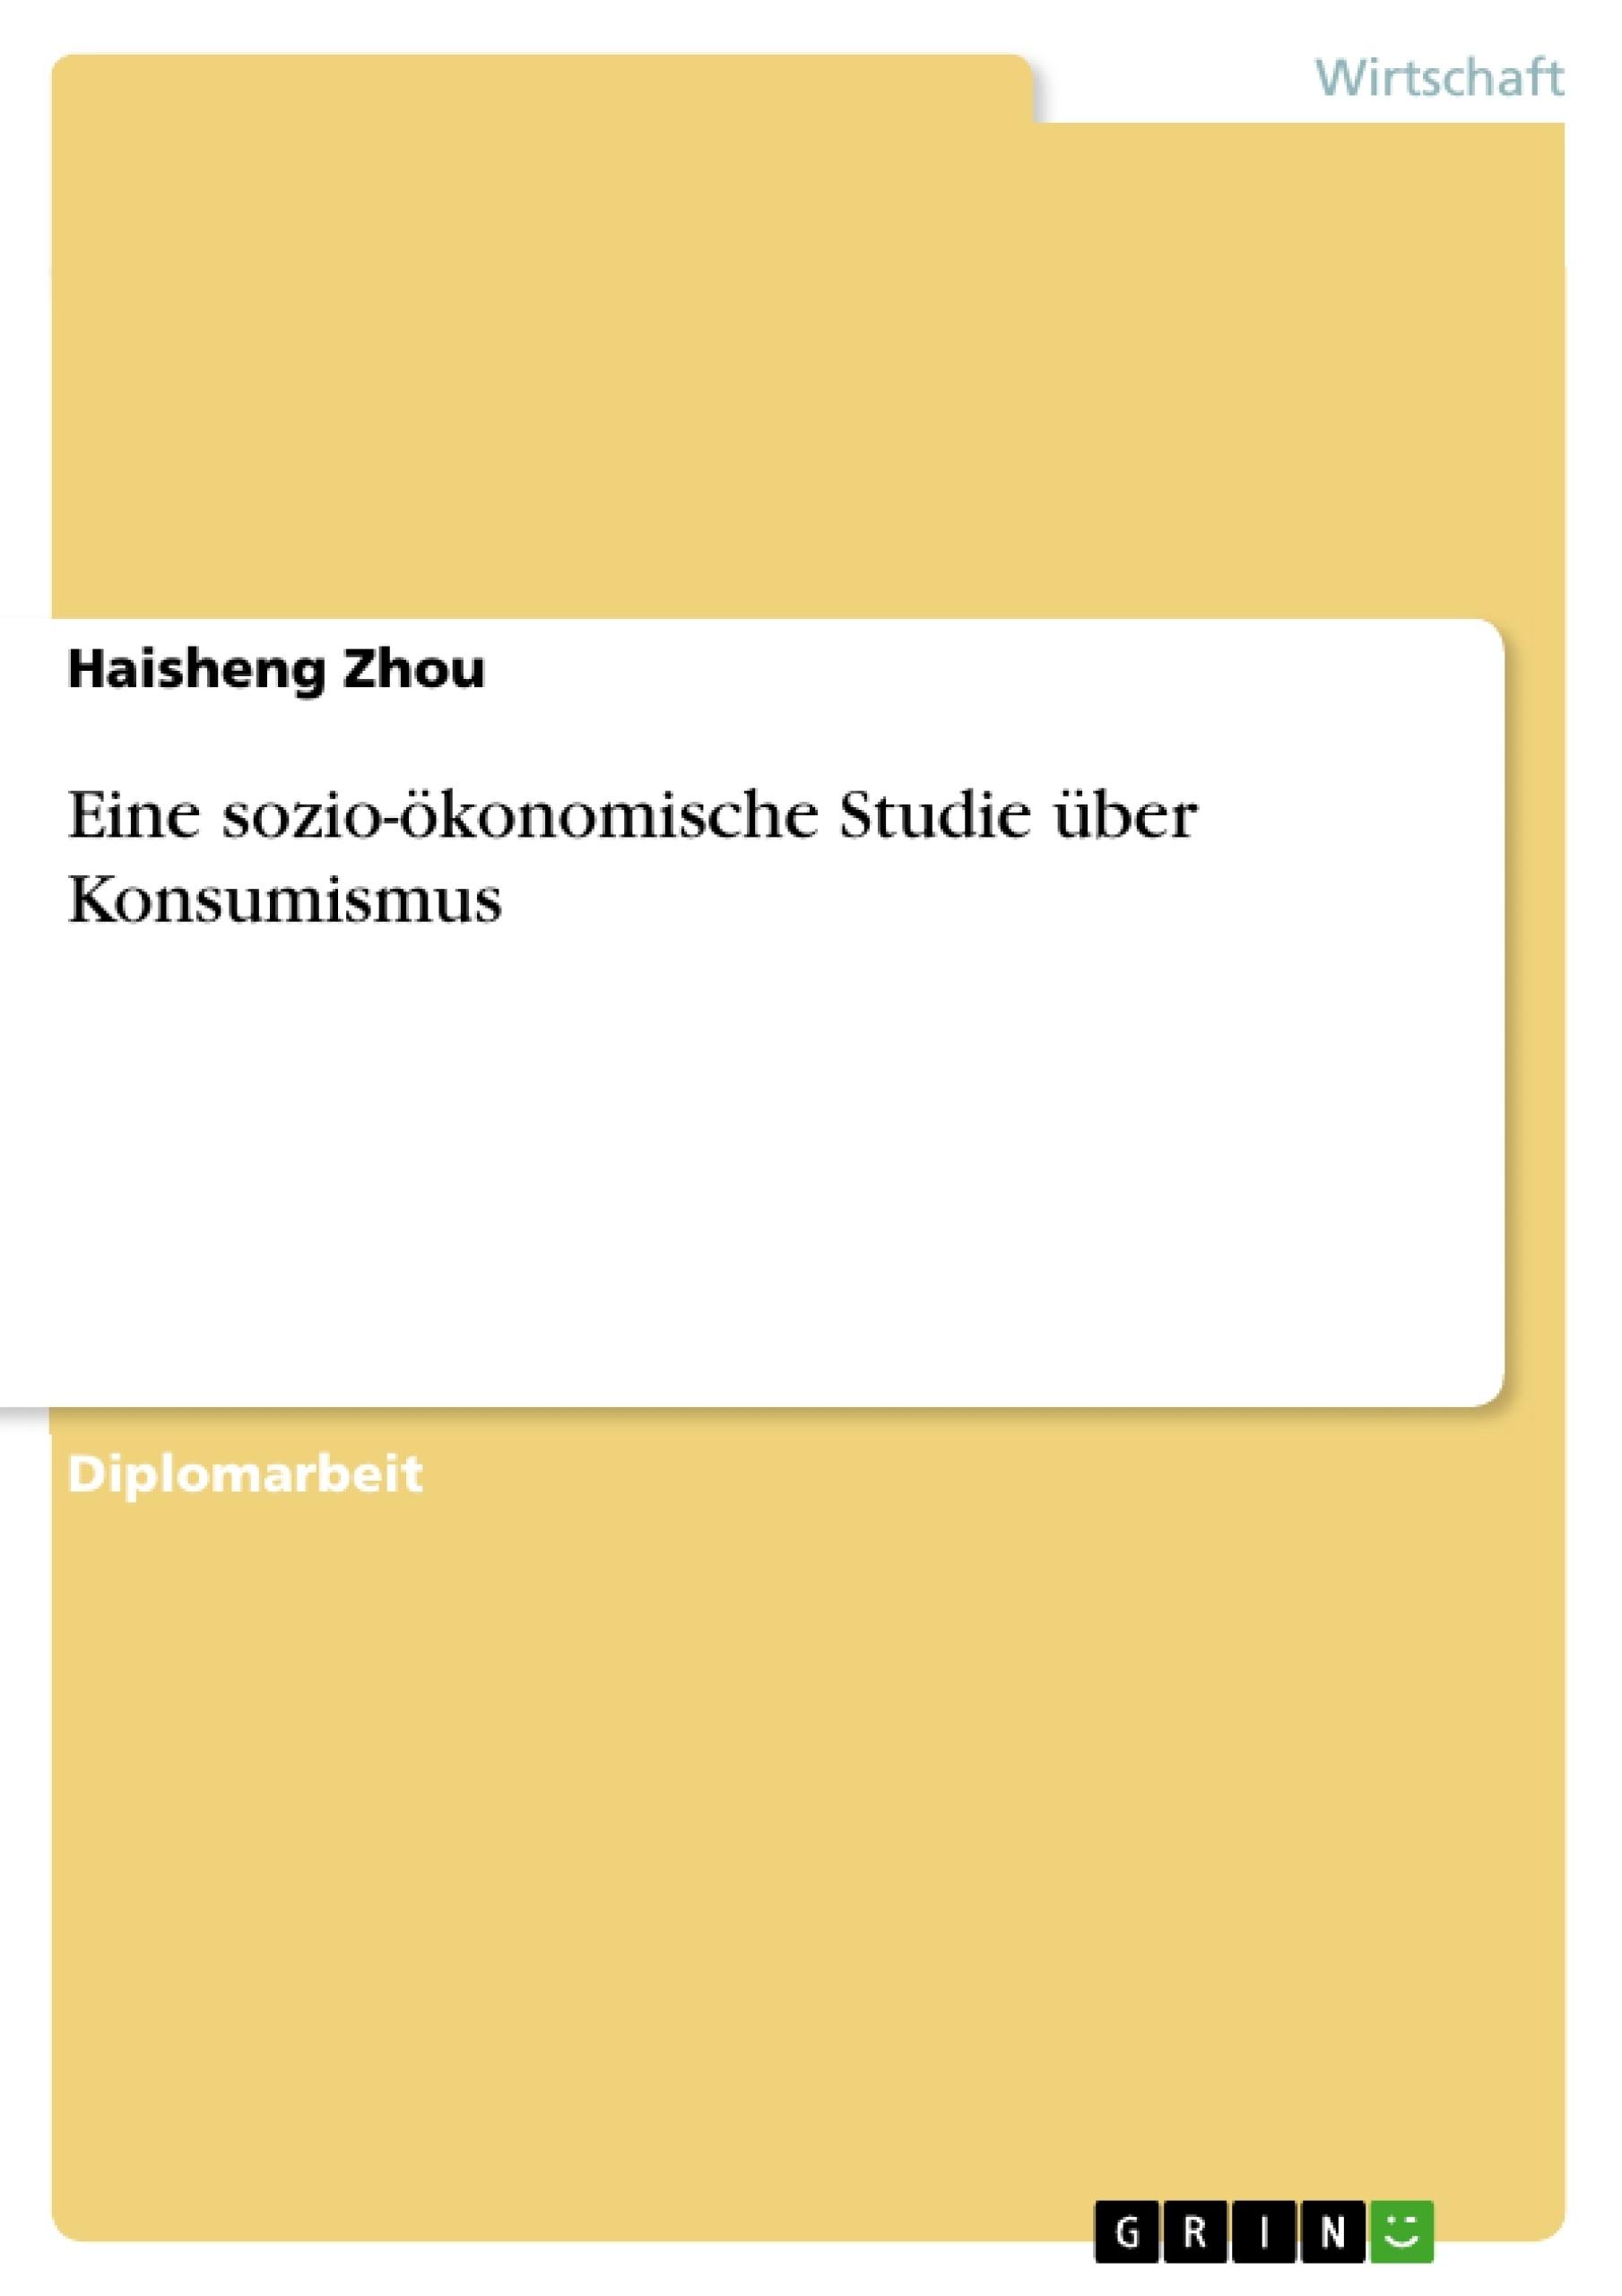 Titel: Eine sozio-ökonomische Studie über Konsumismus